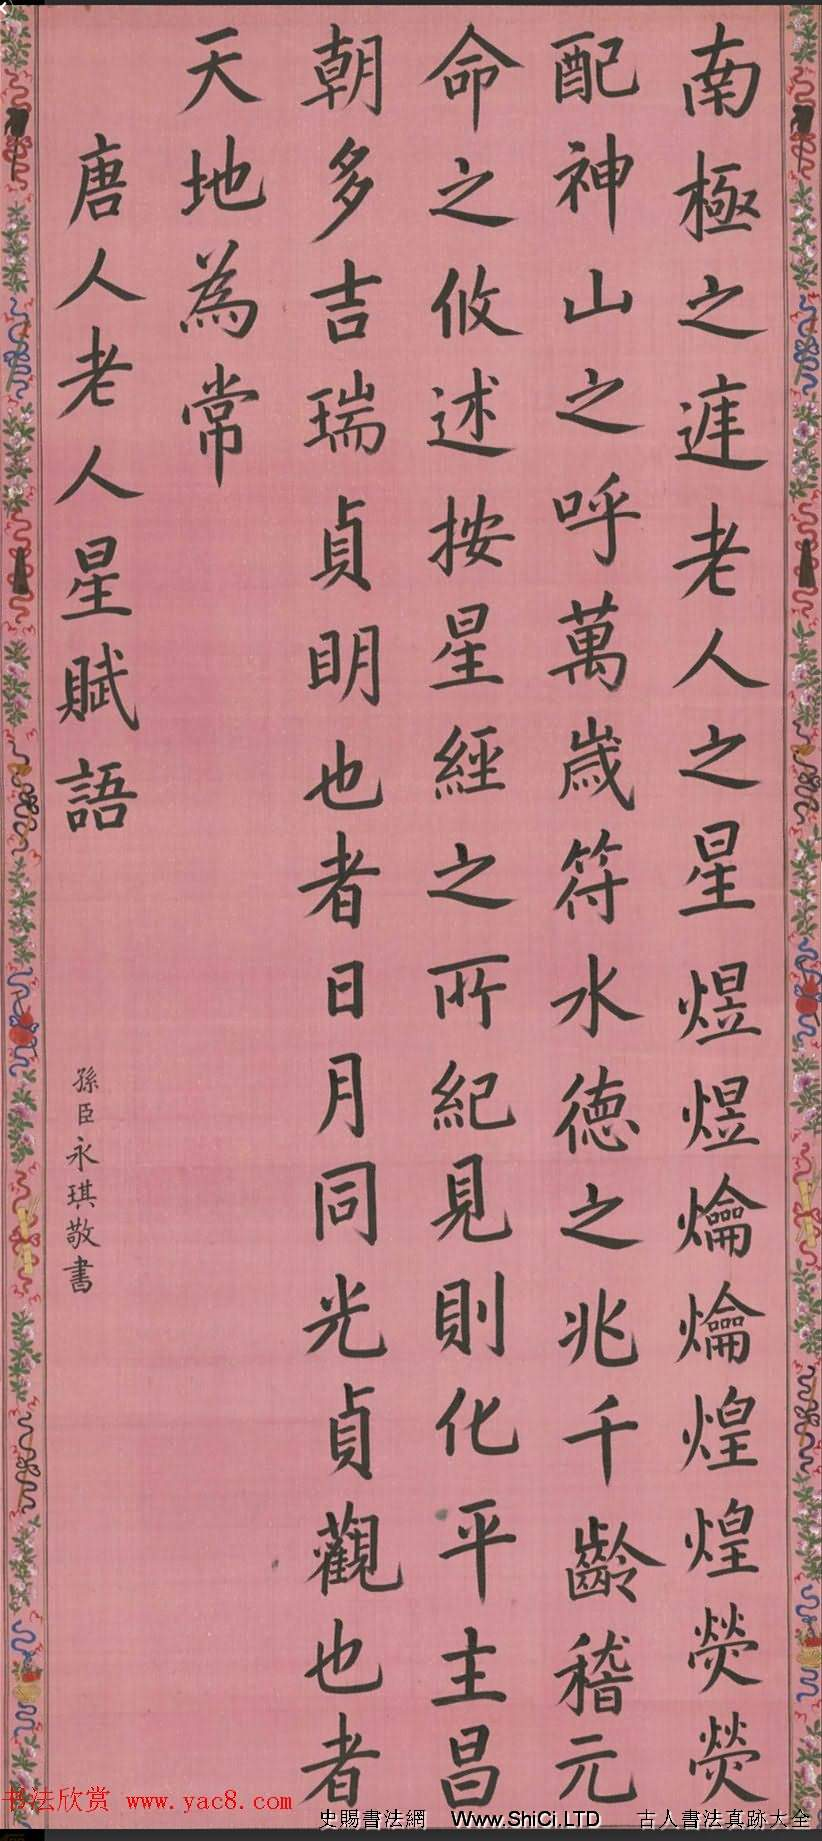 清朝3位皇子:永珹、永琪、永琪書法墨跡